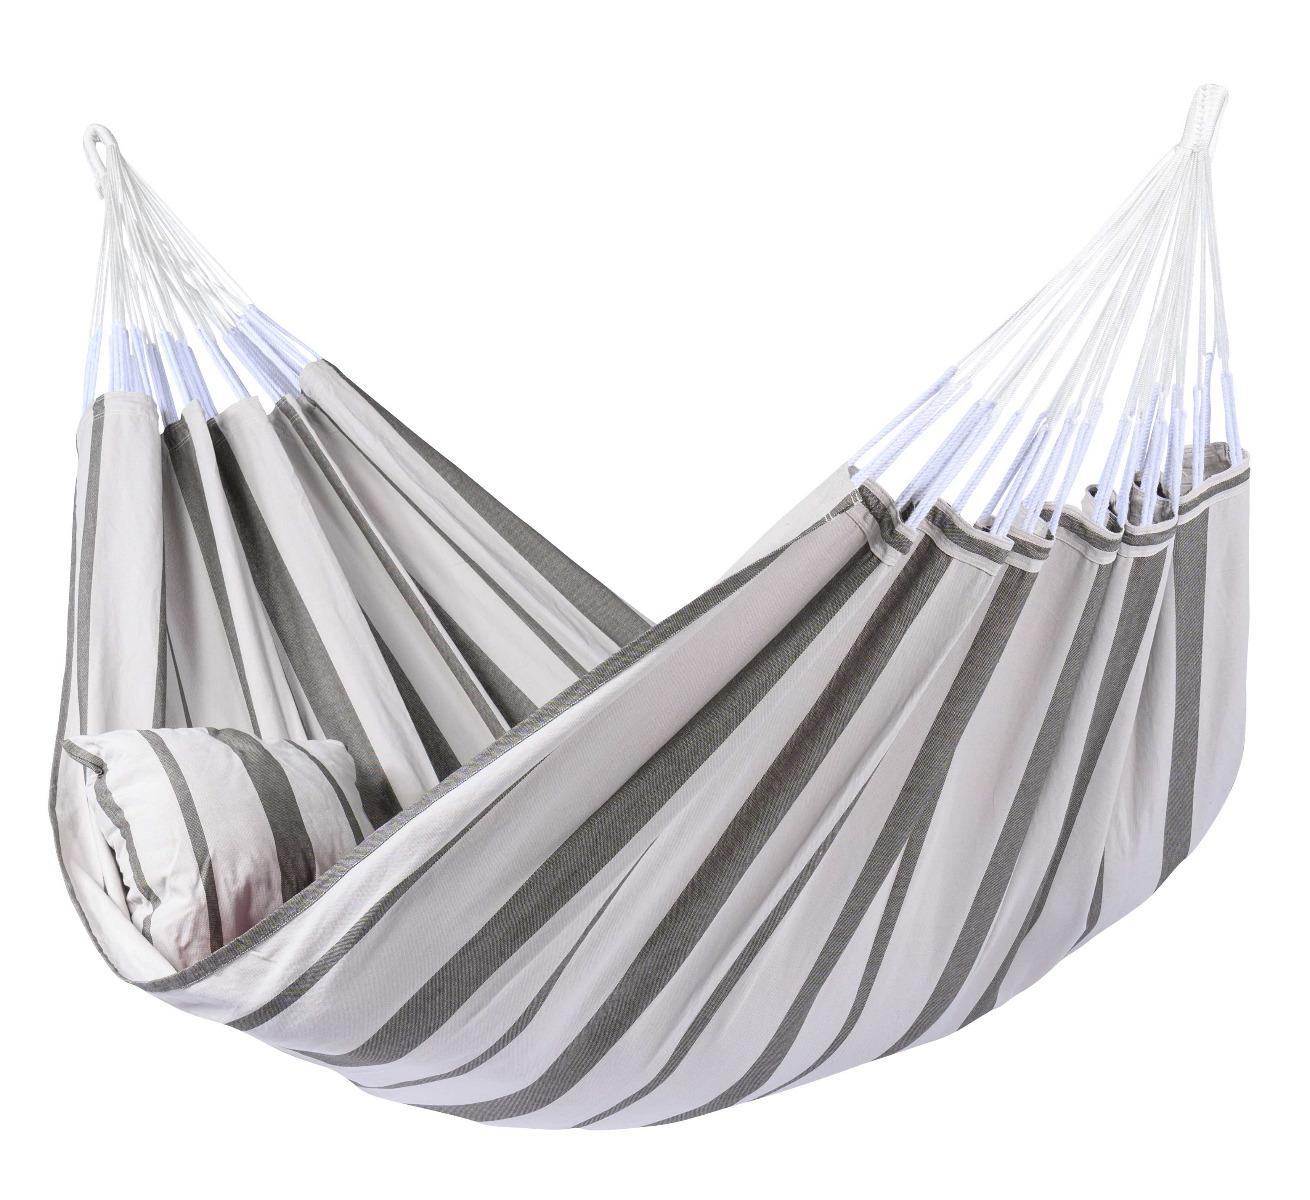 Hangmat 'Stripes' Silver - Tropilex ®